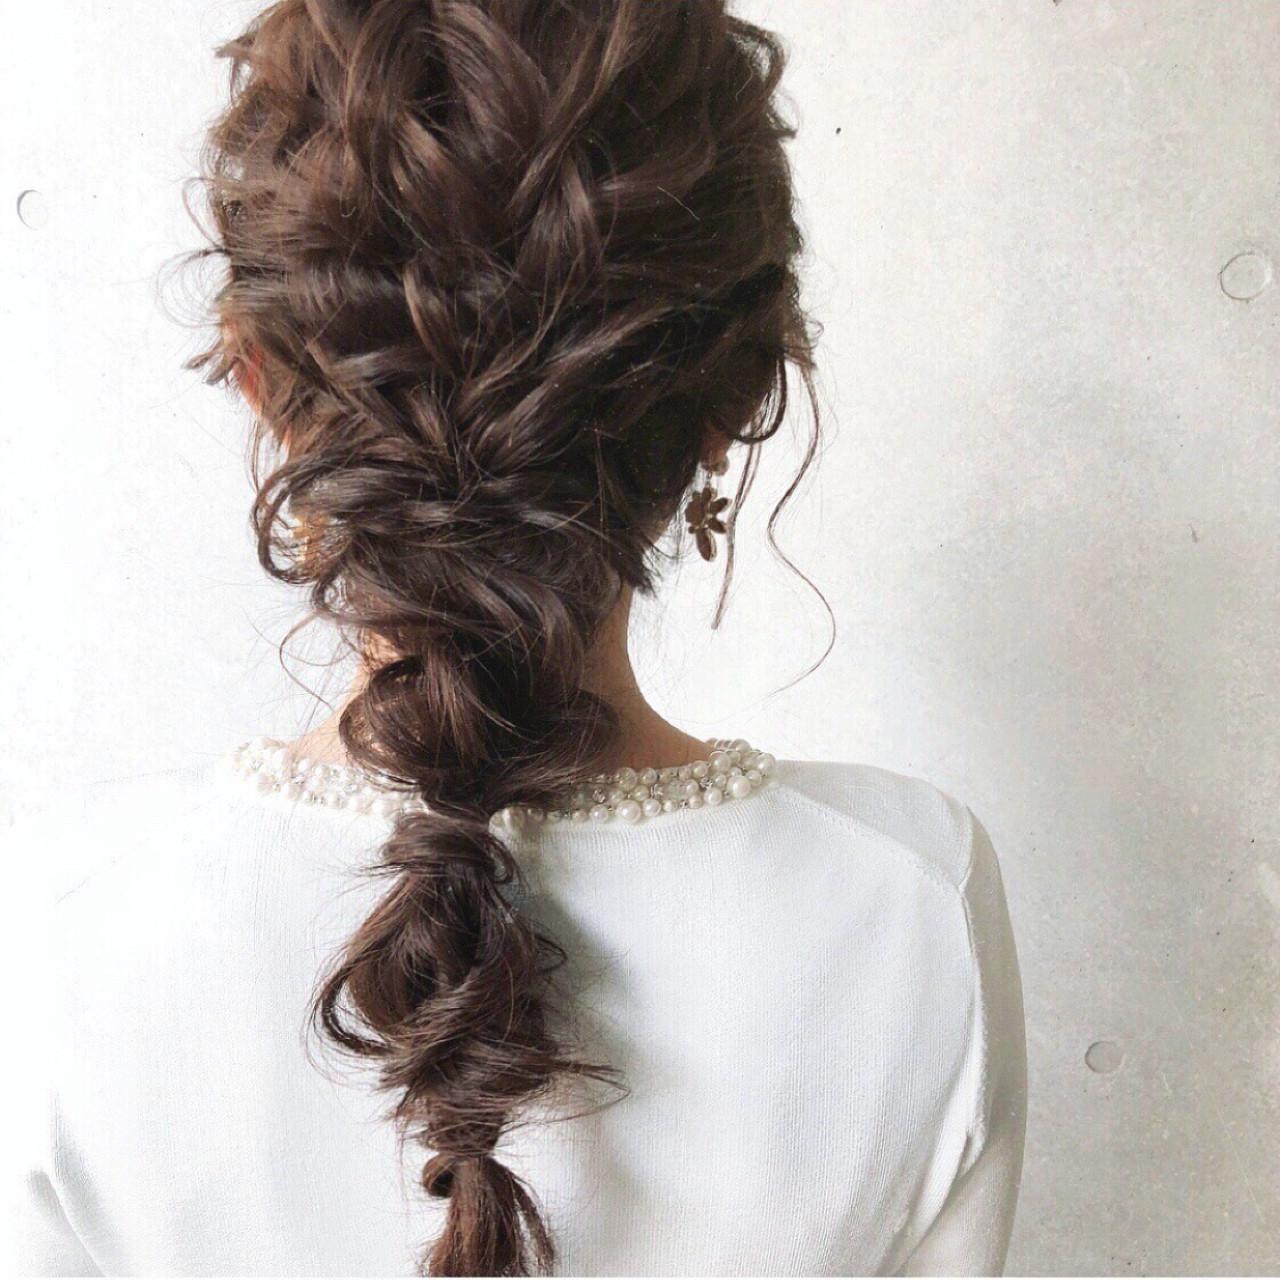 大人かわいい ナチュラル ロング 大人女子 ヘアスタイルや髪型の写真・画像